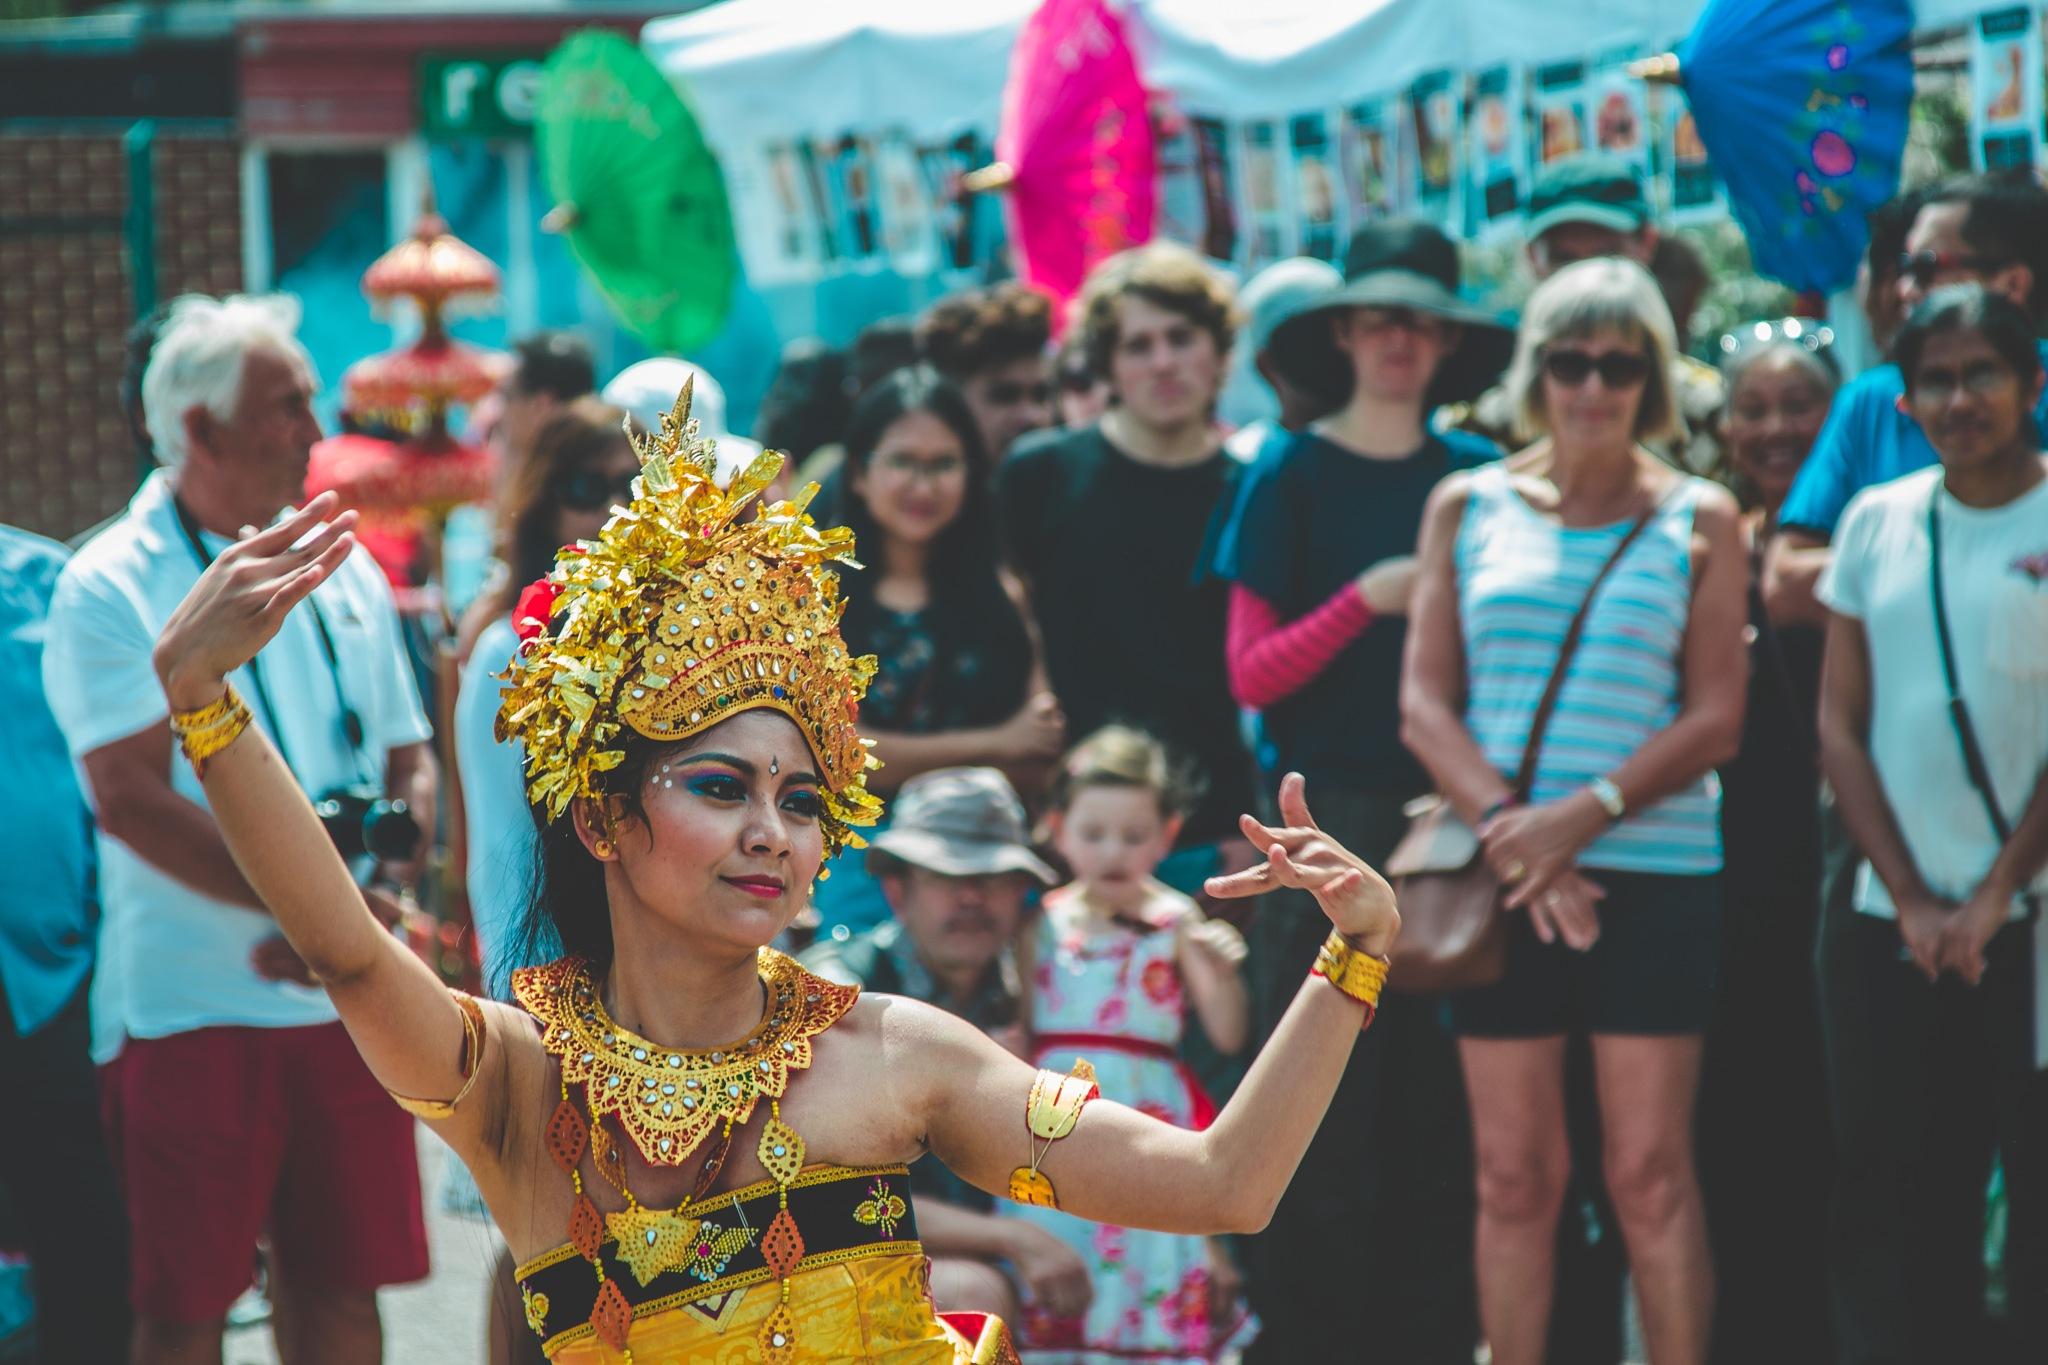 Indonesian Dancer by Jaroslaw Krokowski